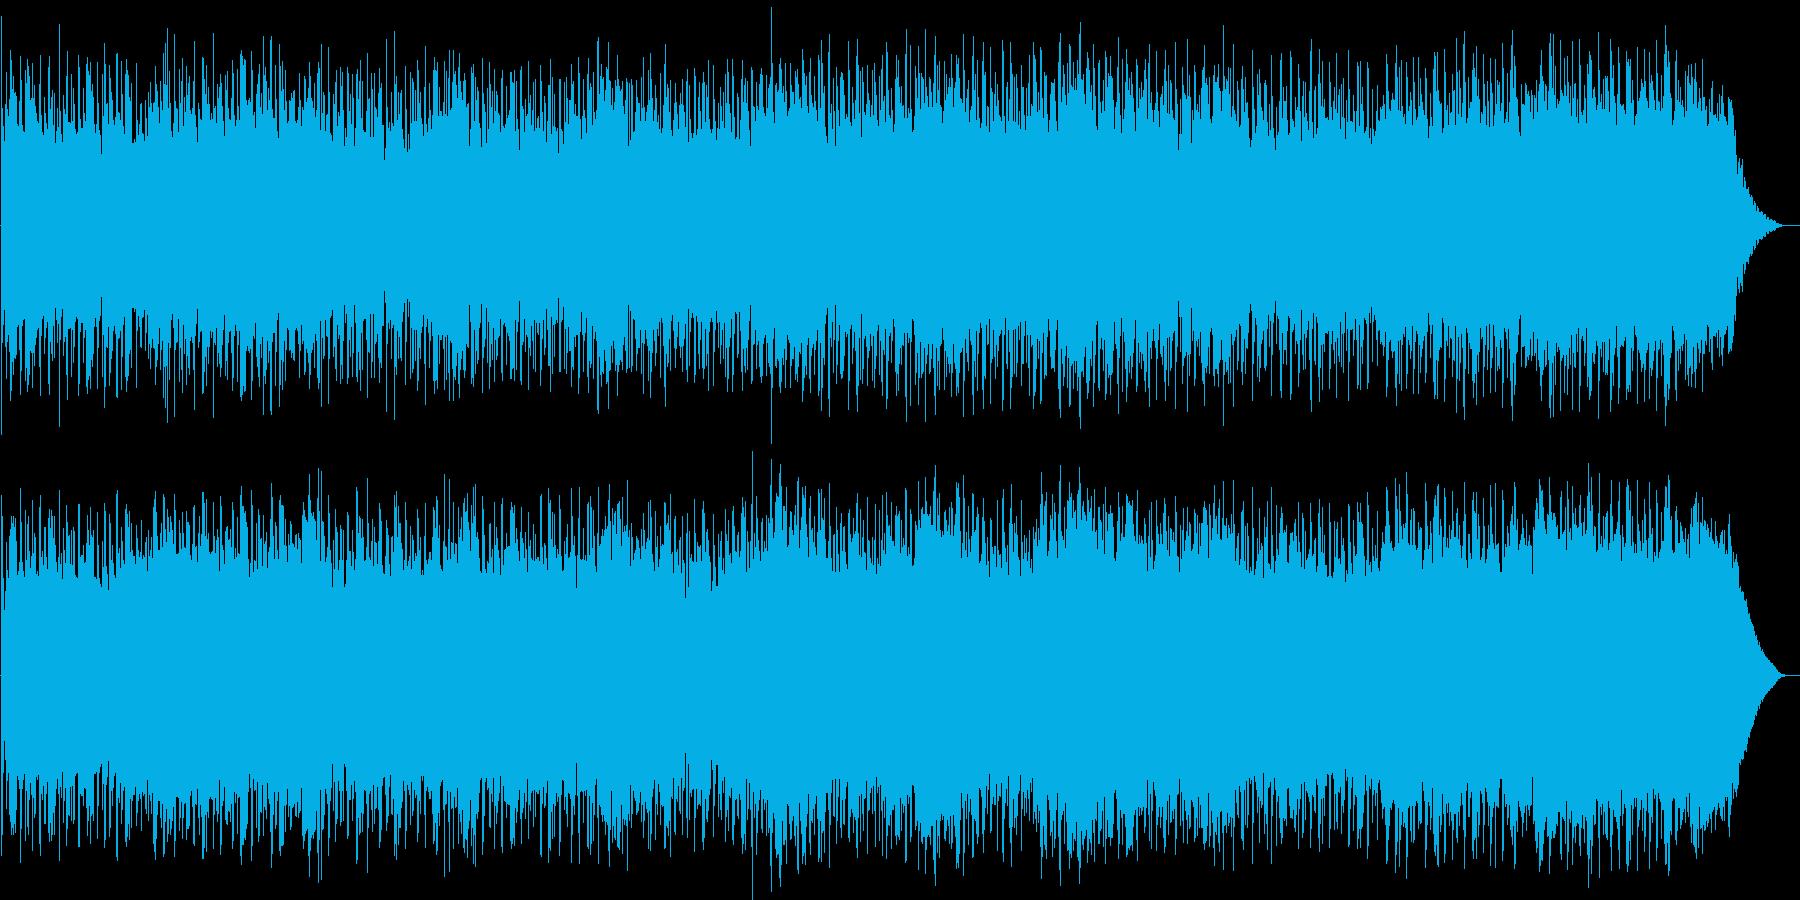 楽しげなキラキラとしたエレクトロニカの再生済みの波形